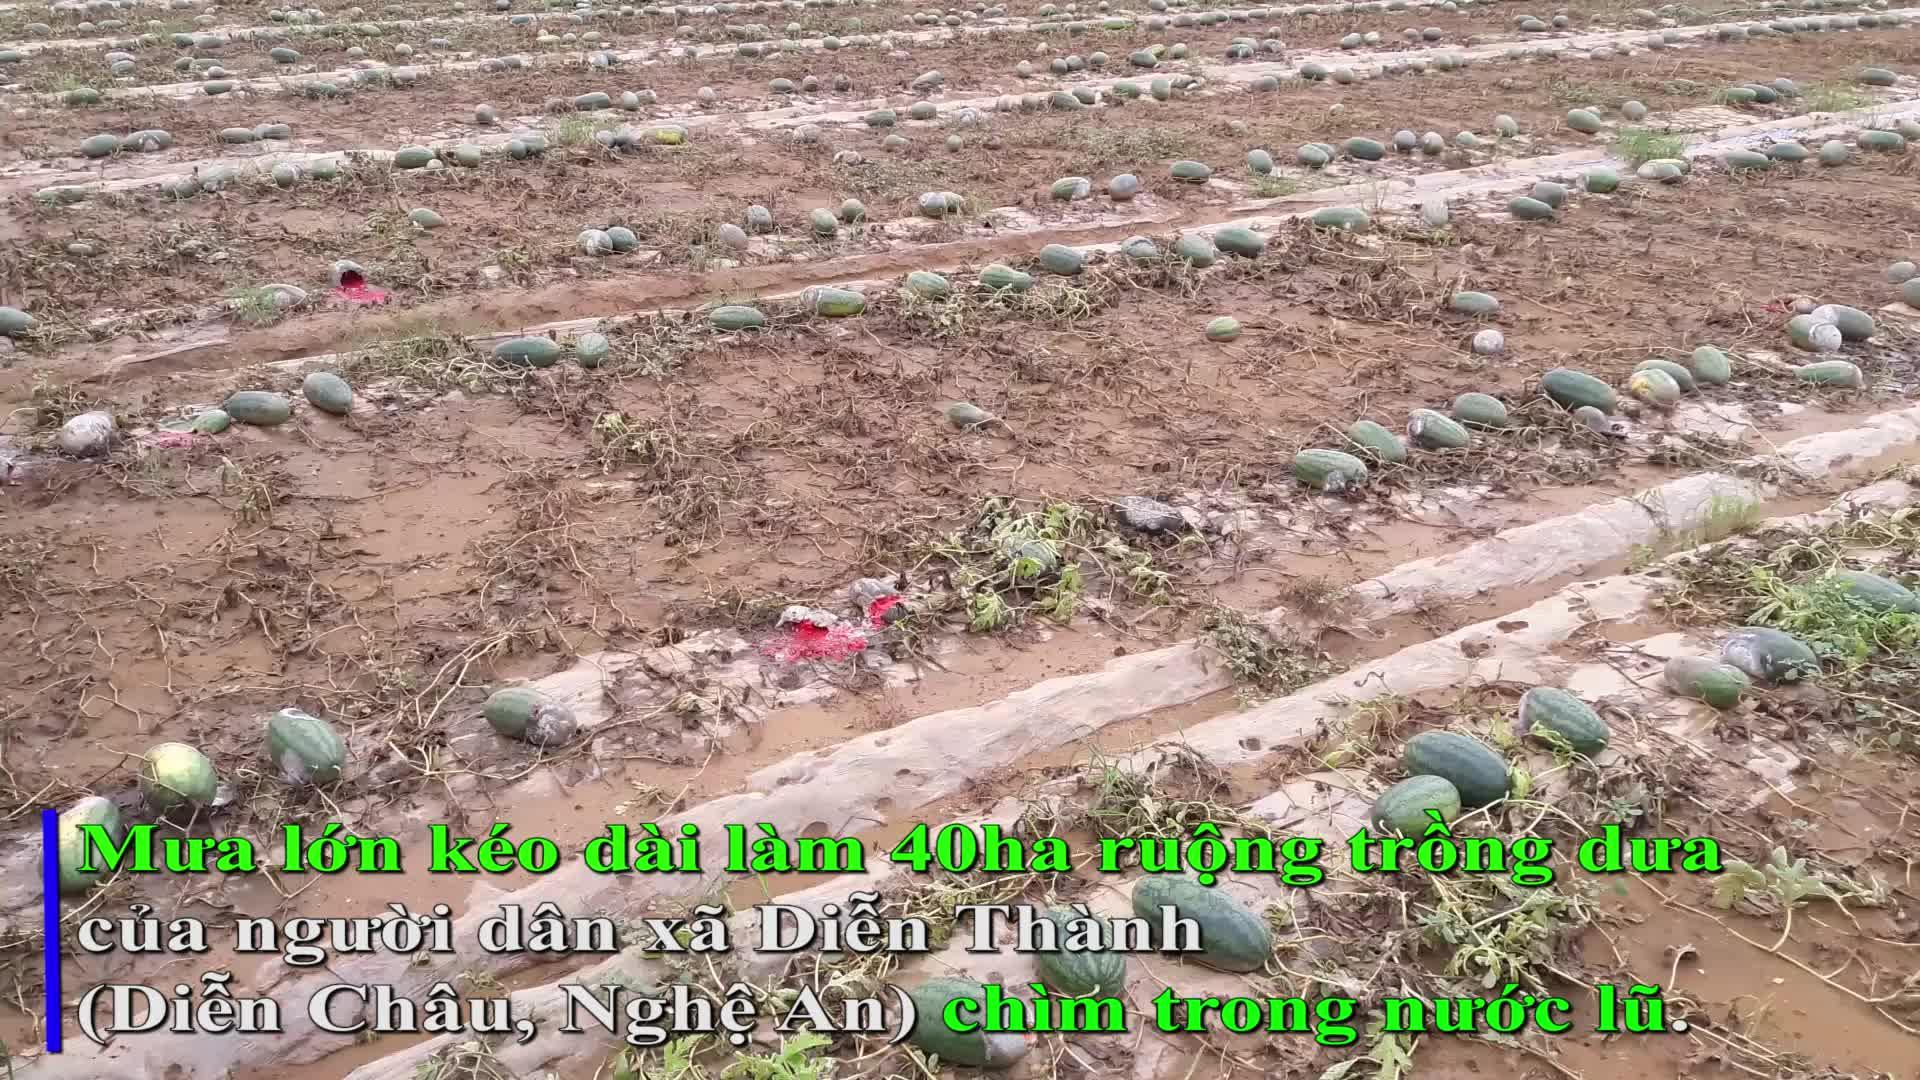 Dưa thối đầy đồng, người dân mang dưa về cho bò ăn.